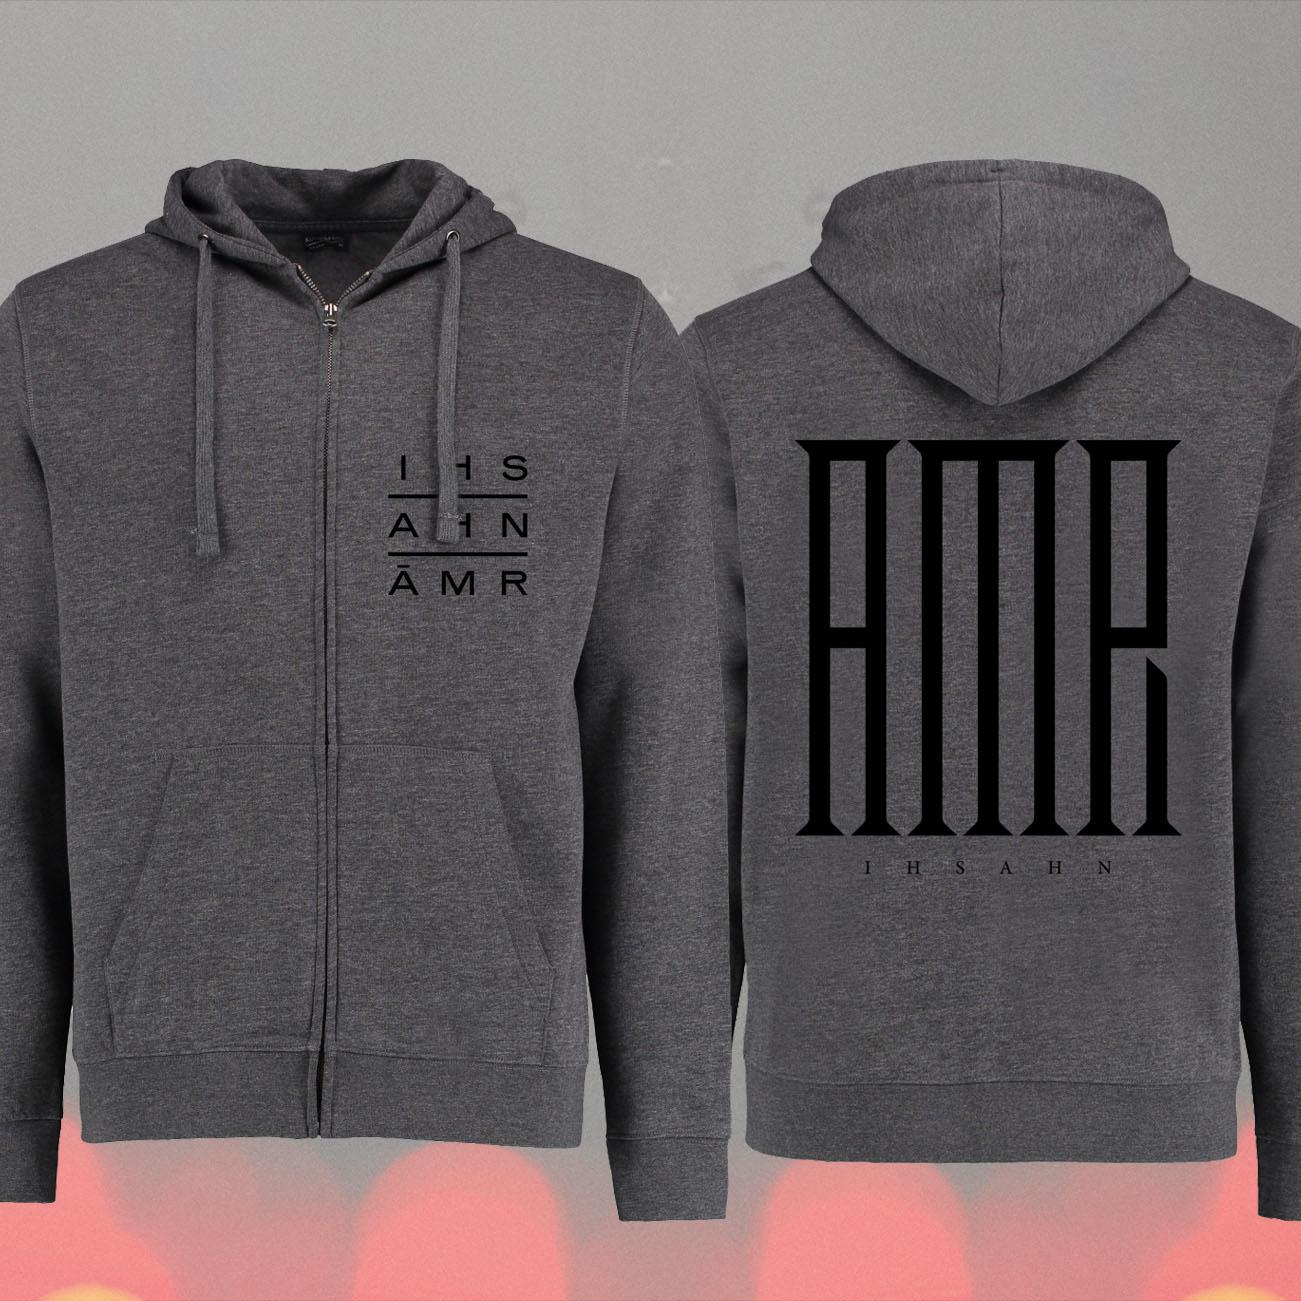 Ihsahn - 'Àmr Logo' Zipped Hoody - Ihsahn